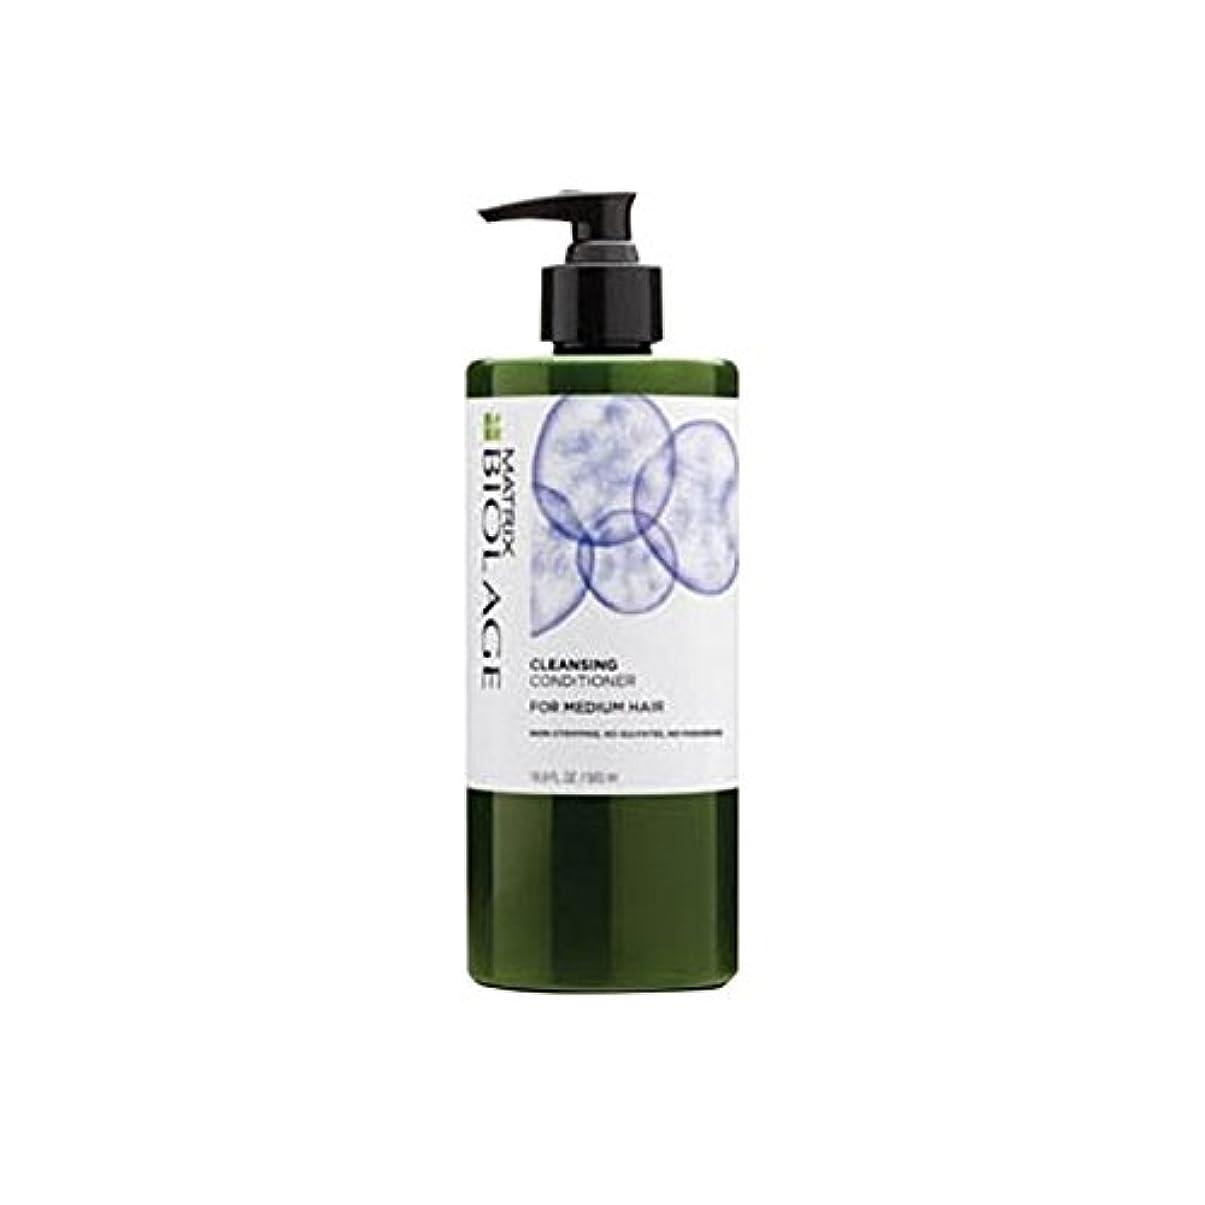 申し立て成長植物のマトリックスバイオレイジクレンジングコンディショナー - メディア髪(500ミリリットル) x4 - Matrix Biolage Cleansing Conditioner - Medium Hair (500ml) (Pack of 4) [並行輸入品]